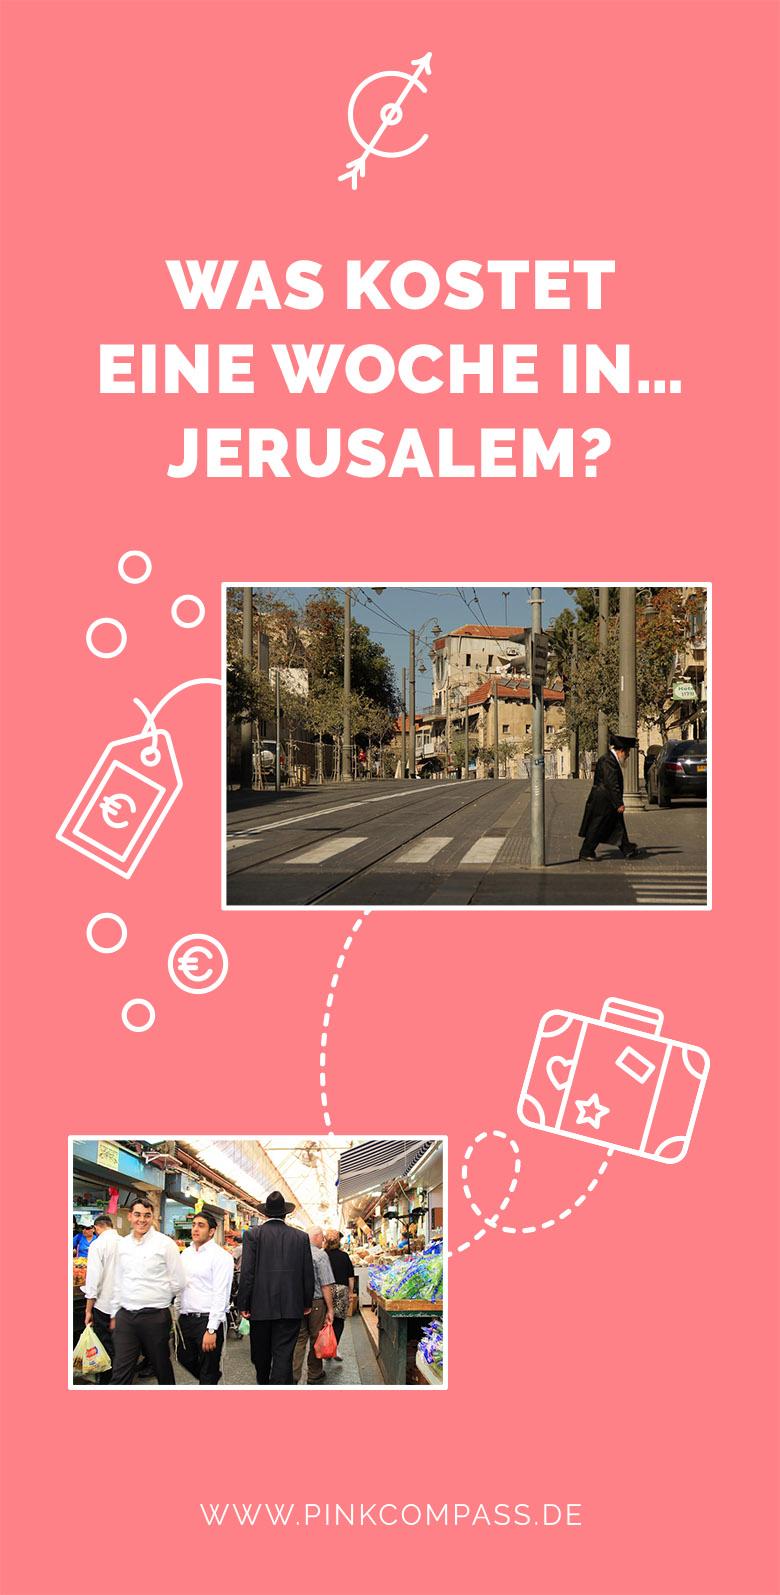 Kosten für eine Woche in Jerusalem